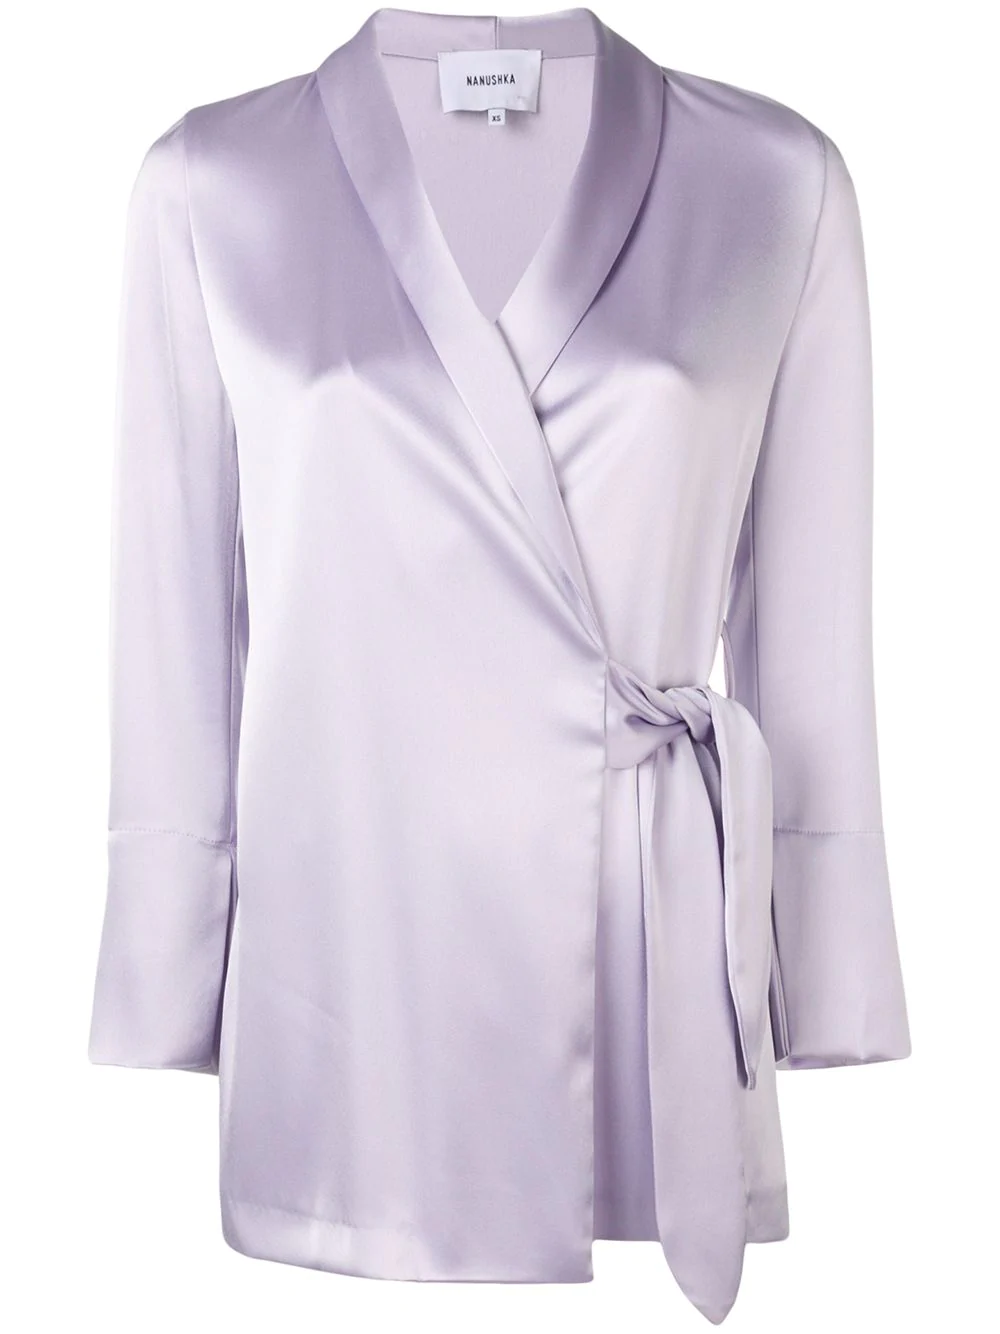 Nanushka Wrap Style Blouse - Purple